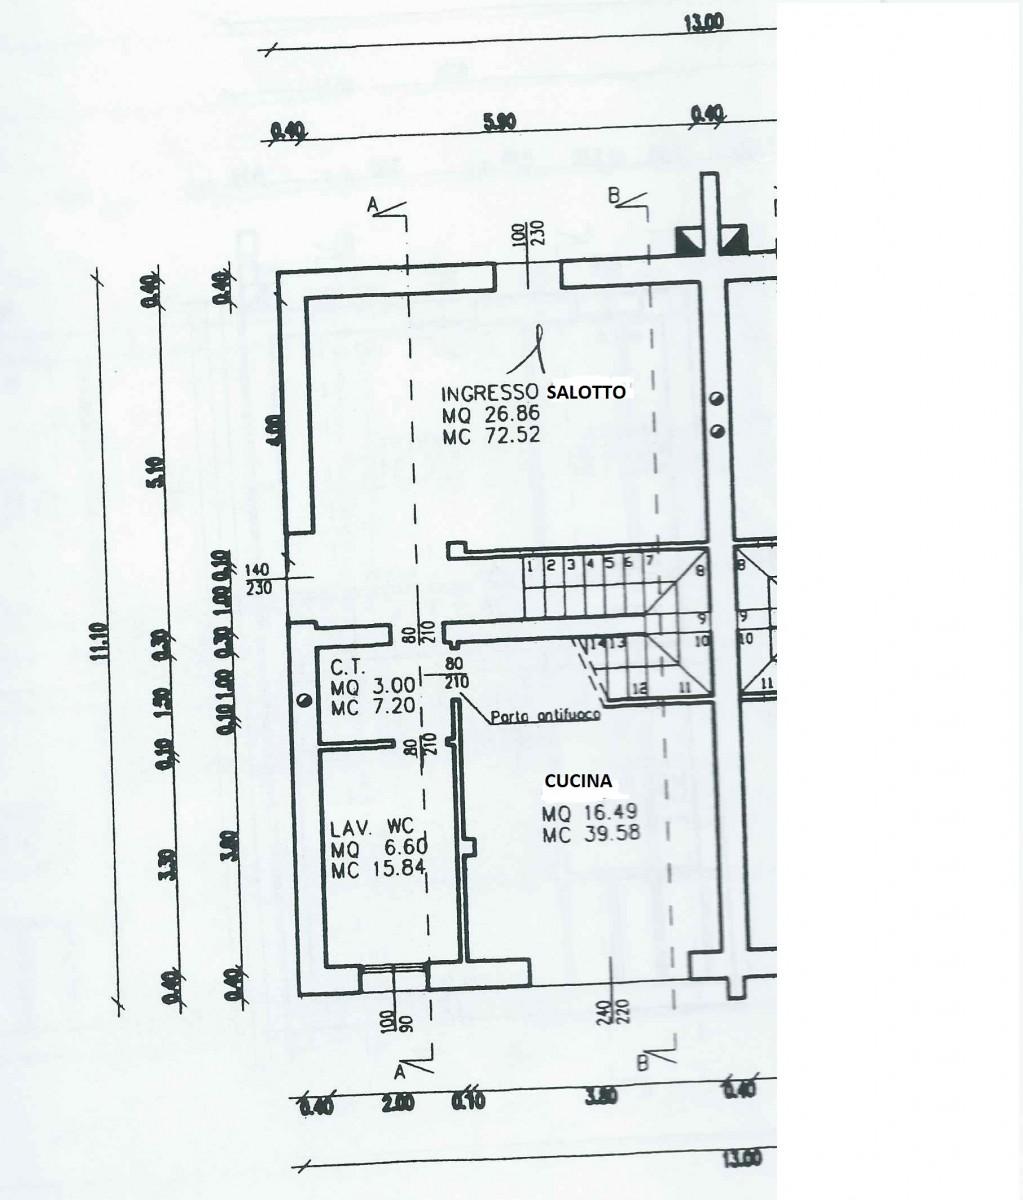 Preventivo impianto idraulico interni online pagina 3 - Impianto idraulico cucina ...